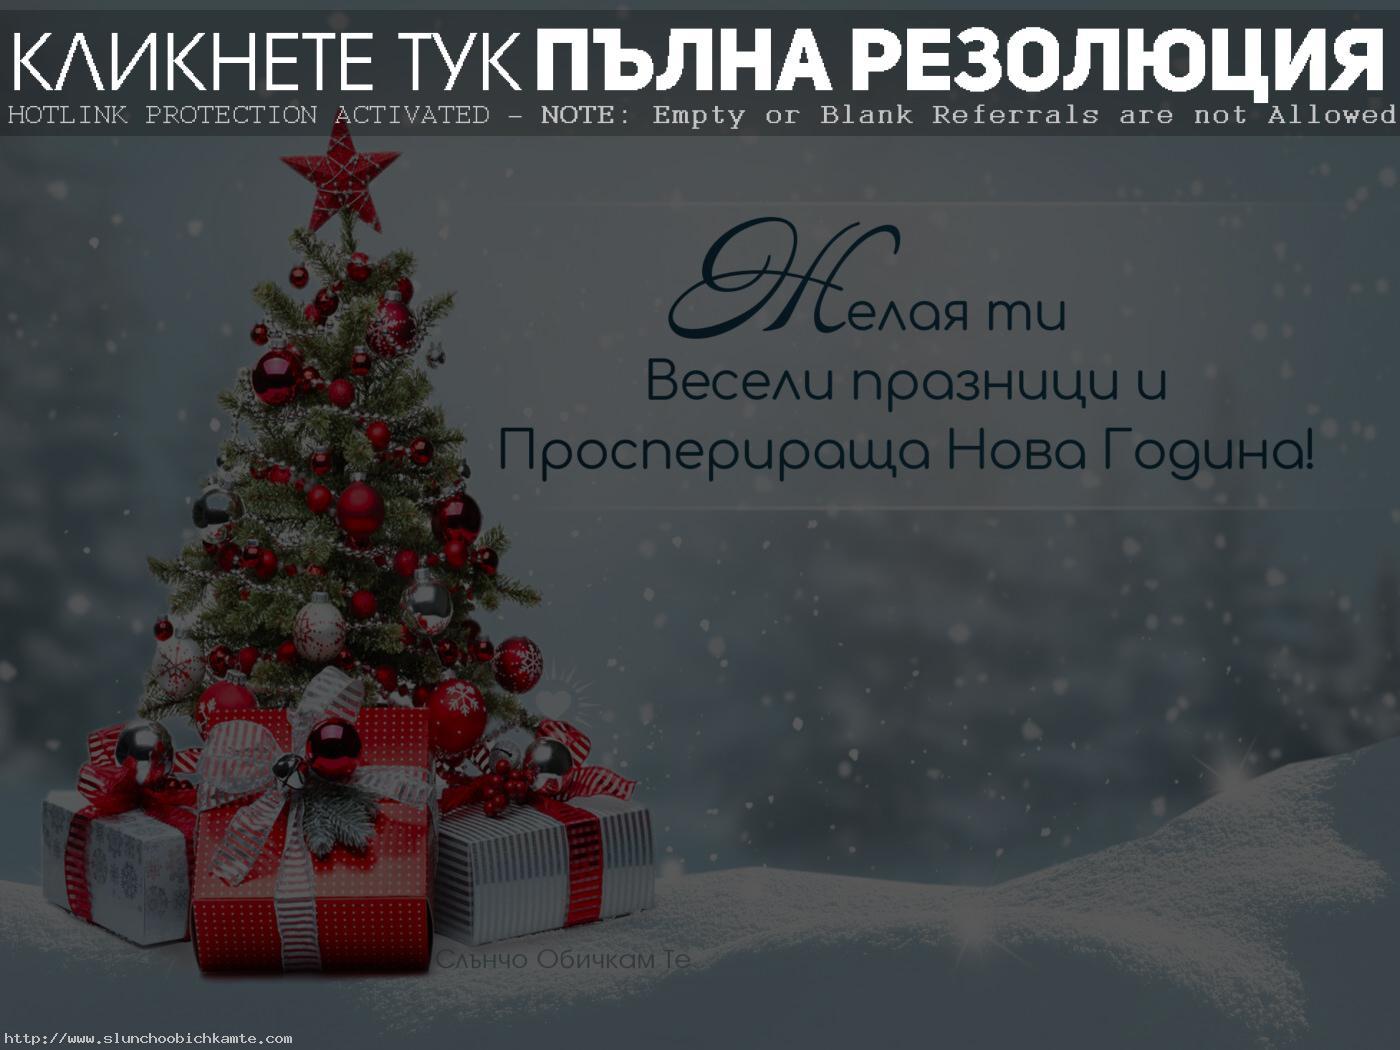 Весели празници и просперираща нова година - Коледни картички, Весела коледа 2020, Честита нова 2021 година